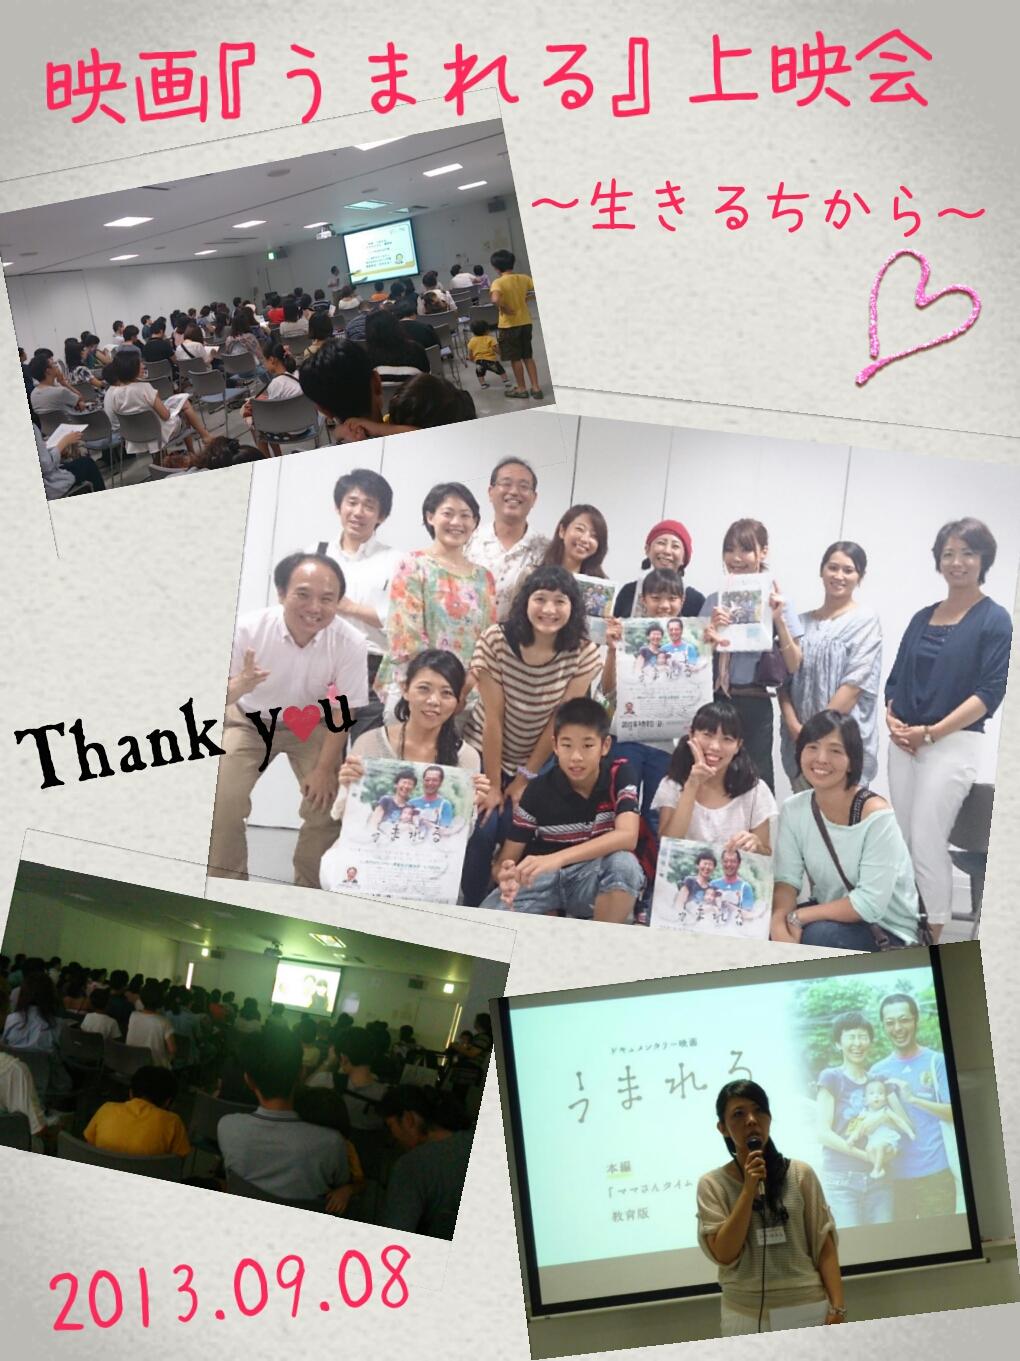 2013-09-08_22_15_43.jpg